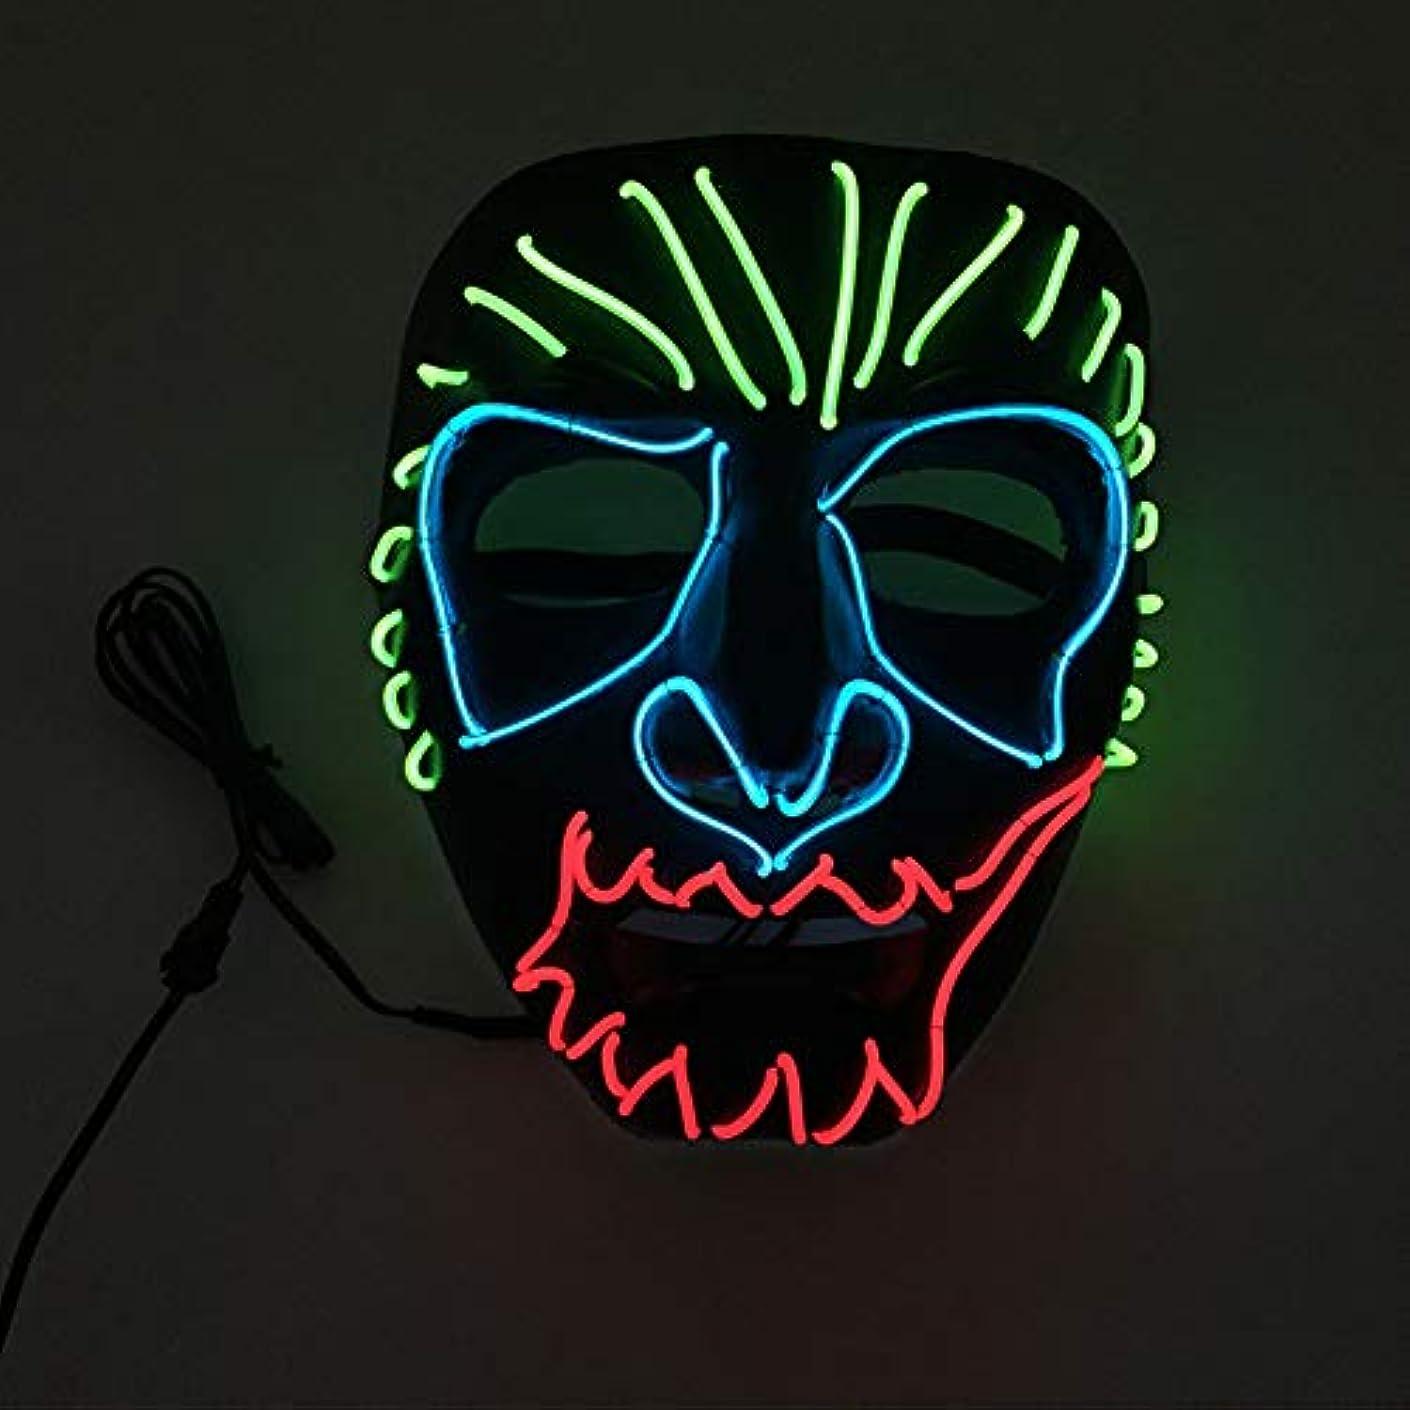 衝突アクロバット気怠いハロウィン イーグルキング クール テロ LED マスク コスプレ 化粧 プロム パーティー イルミネーション マスク (18×18Cm) MAG.AL